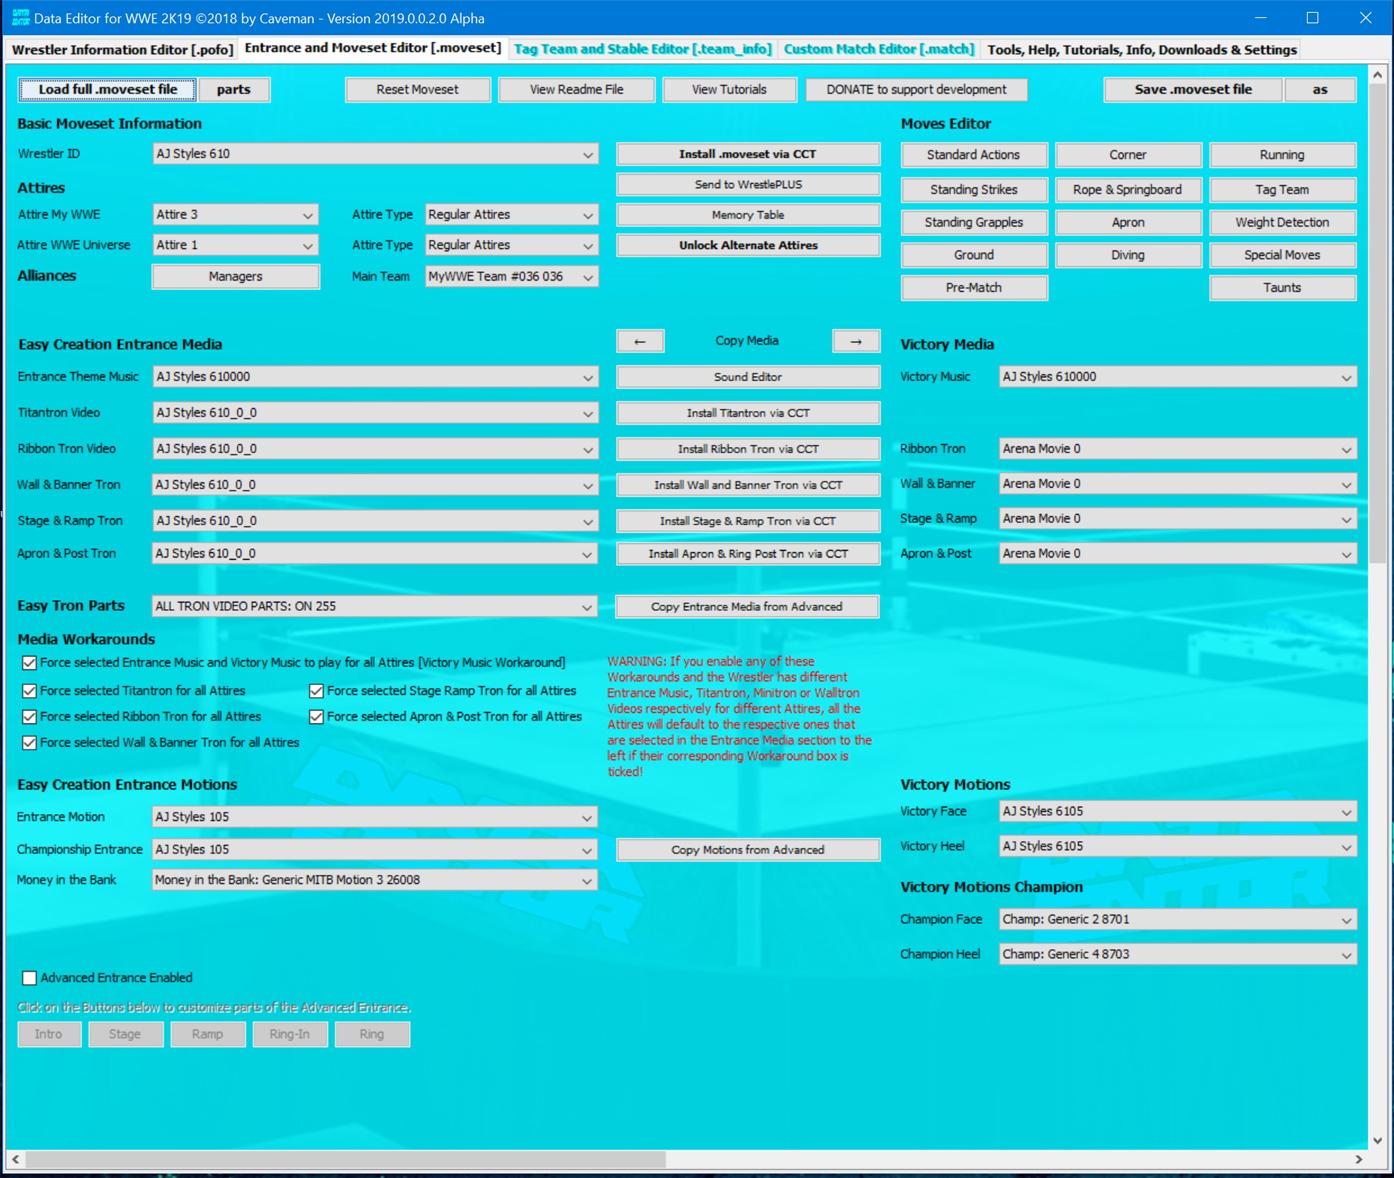 Data_Editor_2k19_Teaser_Moveset_Editor.j